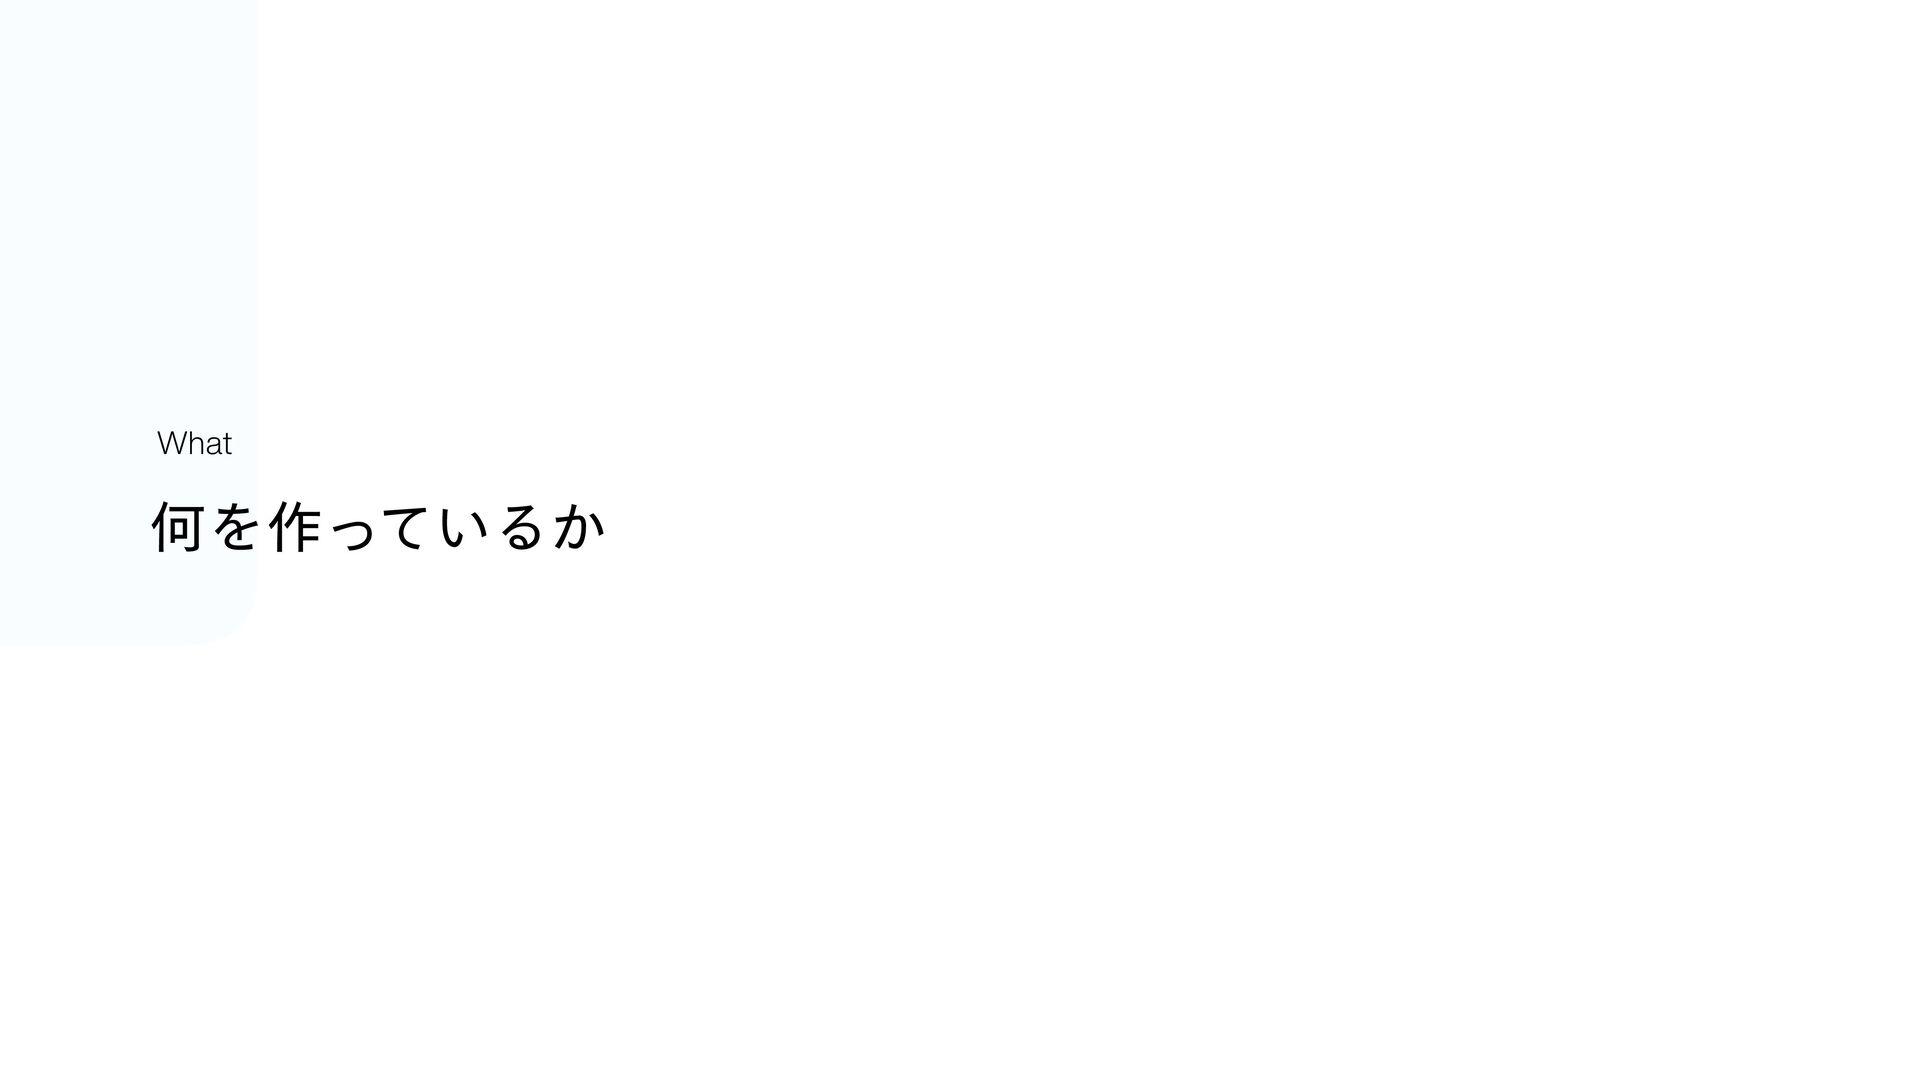 ԿΛ࡞͍ͬͯΔ͔ What